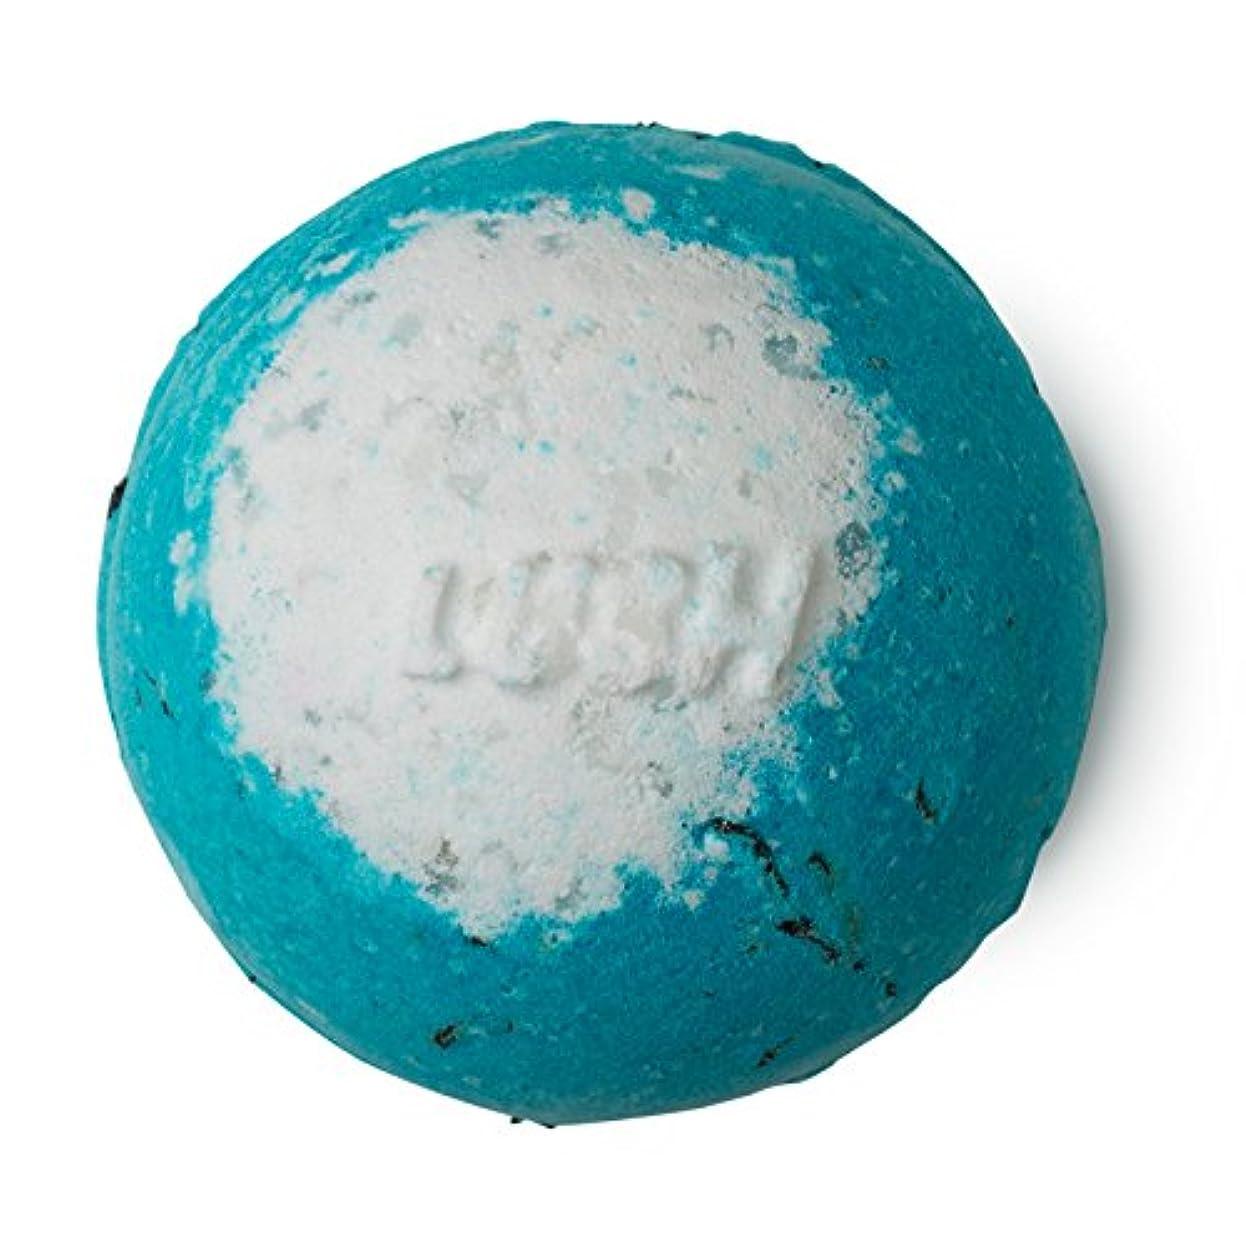 ヒップレモンシリアルLUSH ラッシュ RUSHラッシュ 200g バスボム 浴用 シーソルト 入浴剤 ラベンダーオイル 入浴剤 ギフト